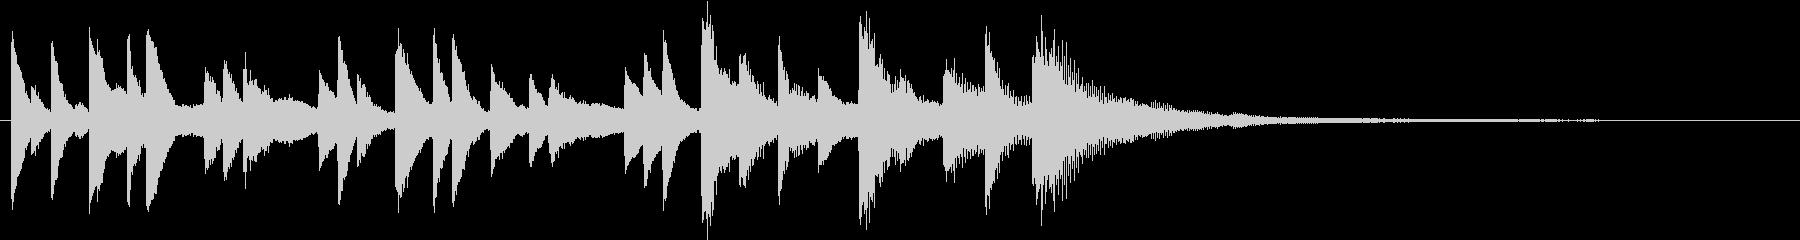 エンディング、短い、ピアノのポップスの未再生の波形